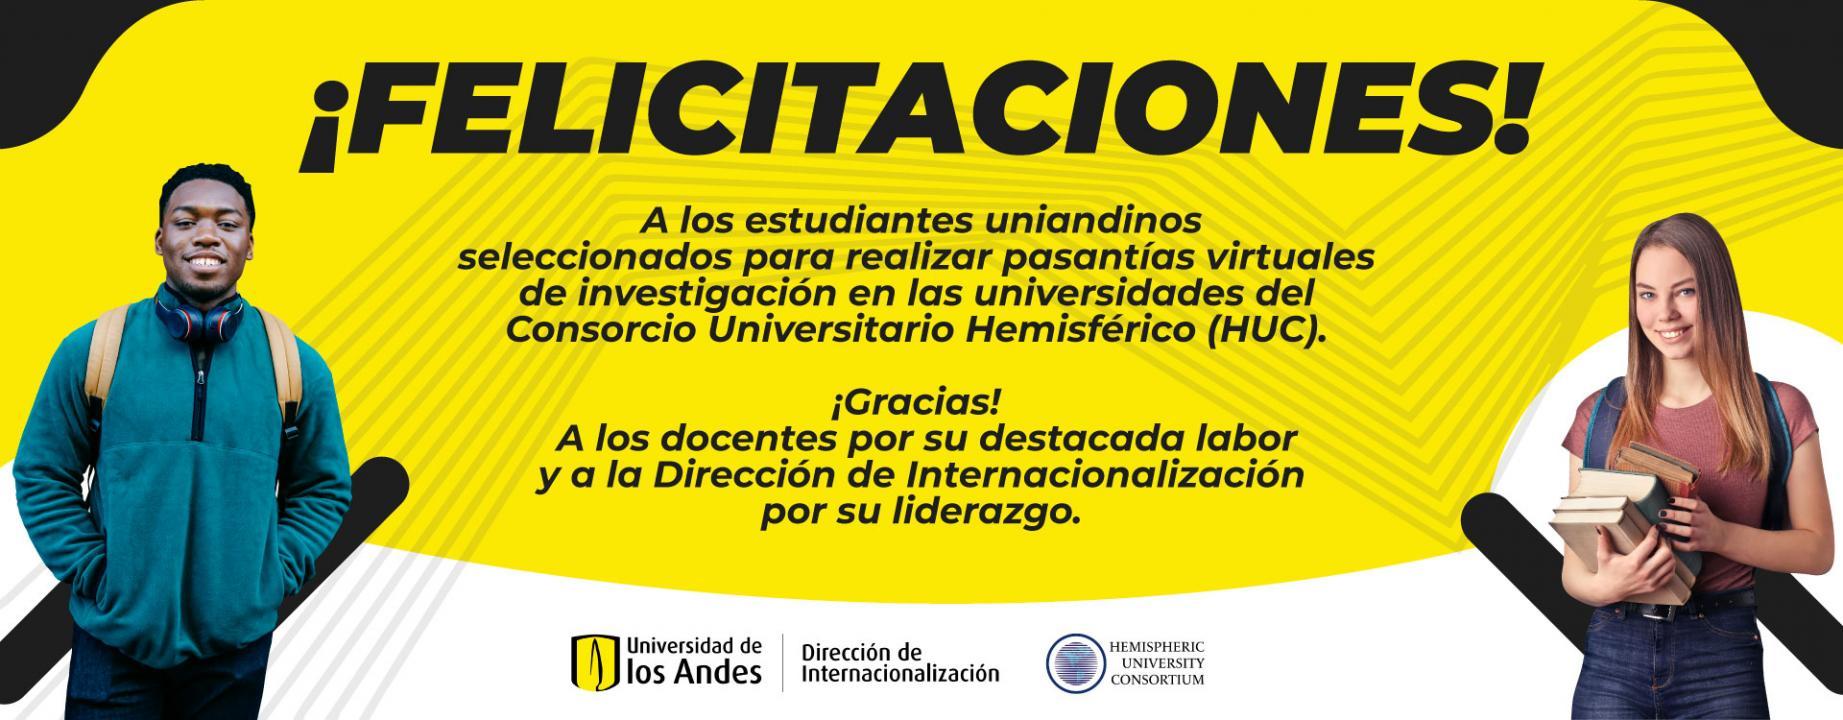 Pasantías en el Consorcio Universitario Hemisférico (HUC)